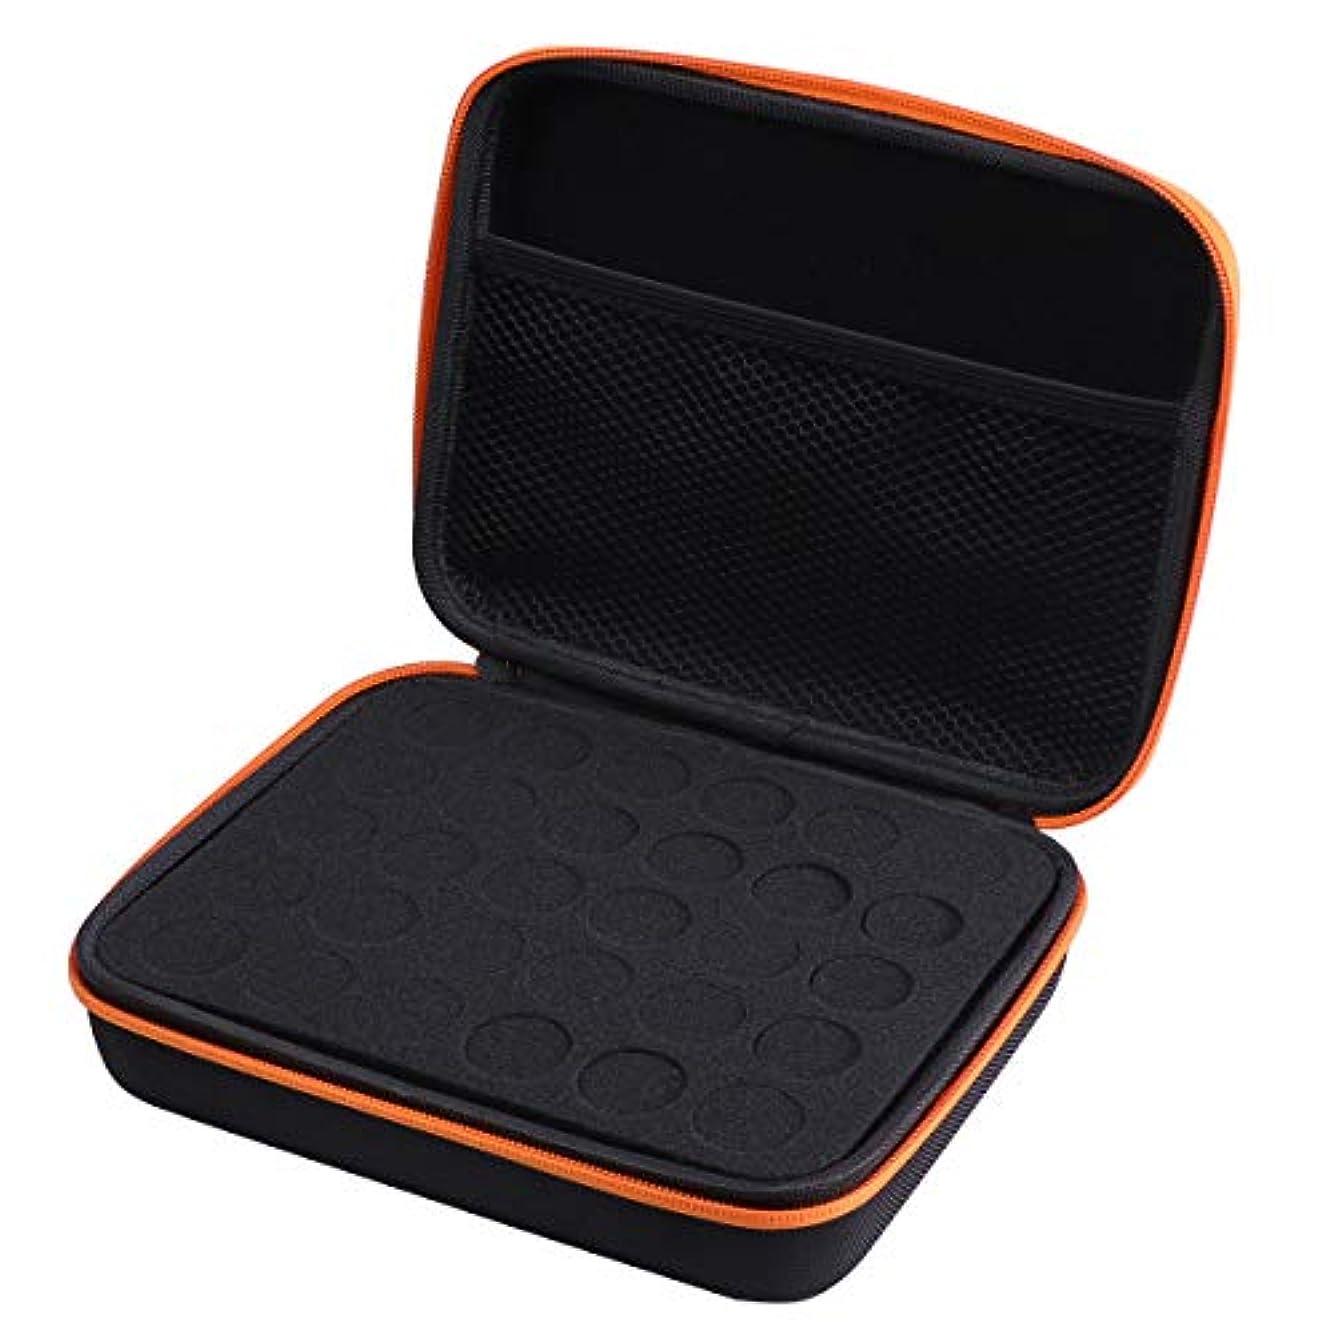 進むメタリックまさにFrcolor エッセンシャルオイル ケース 携帯用 アロマポーチ アロマケース メイクポーチ 精油ケース 30本用(オレンジ)